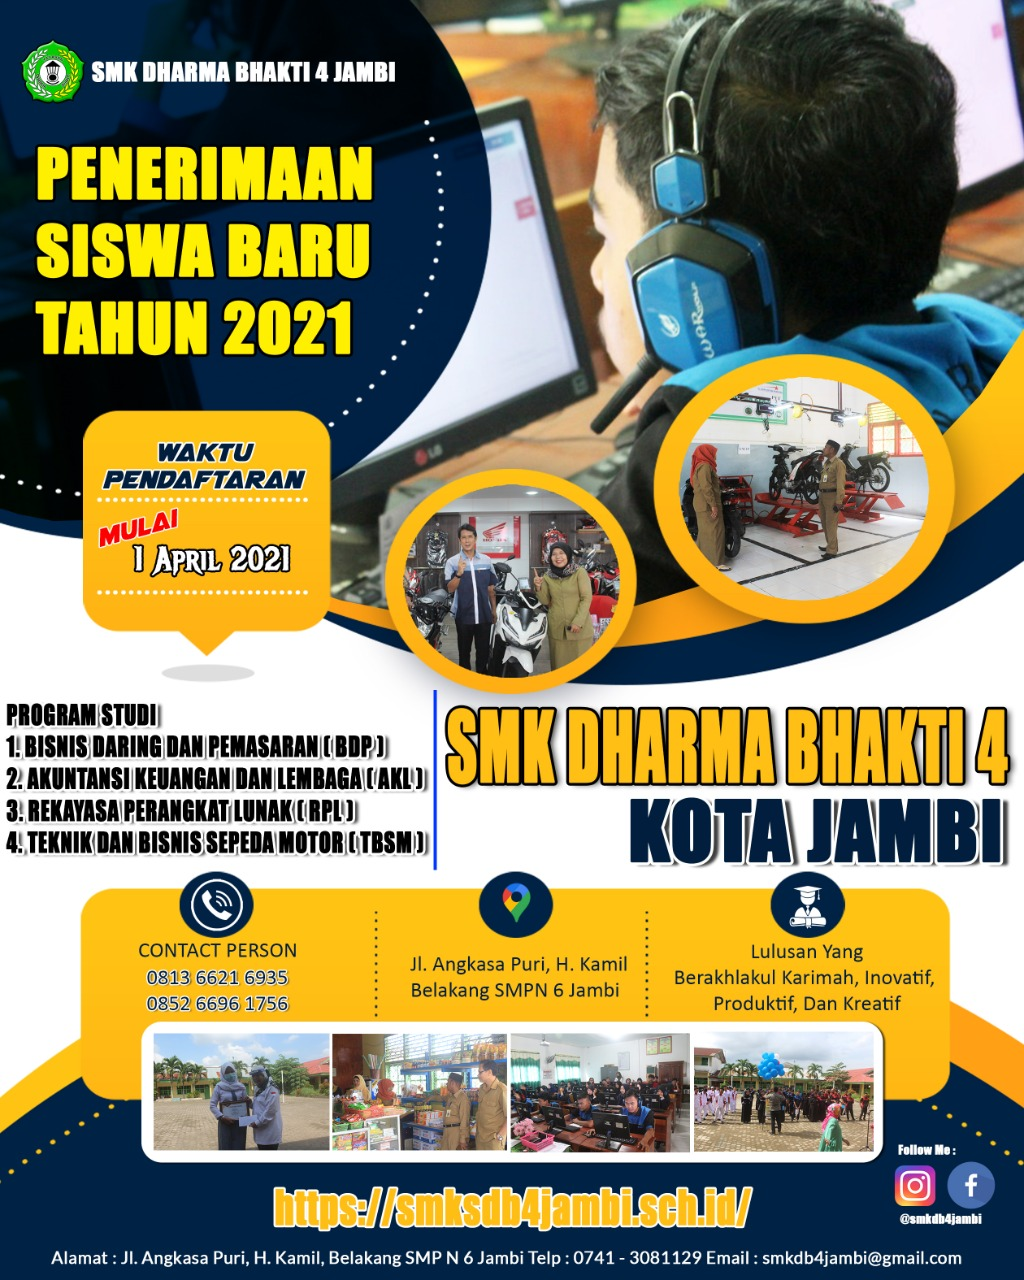 Penerimaan Peserta Didik Baru Tahun Ajaran 2021/2022